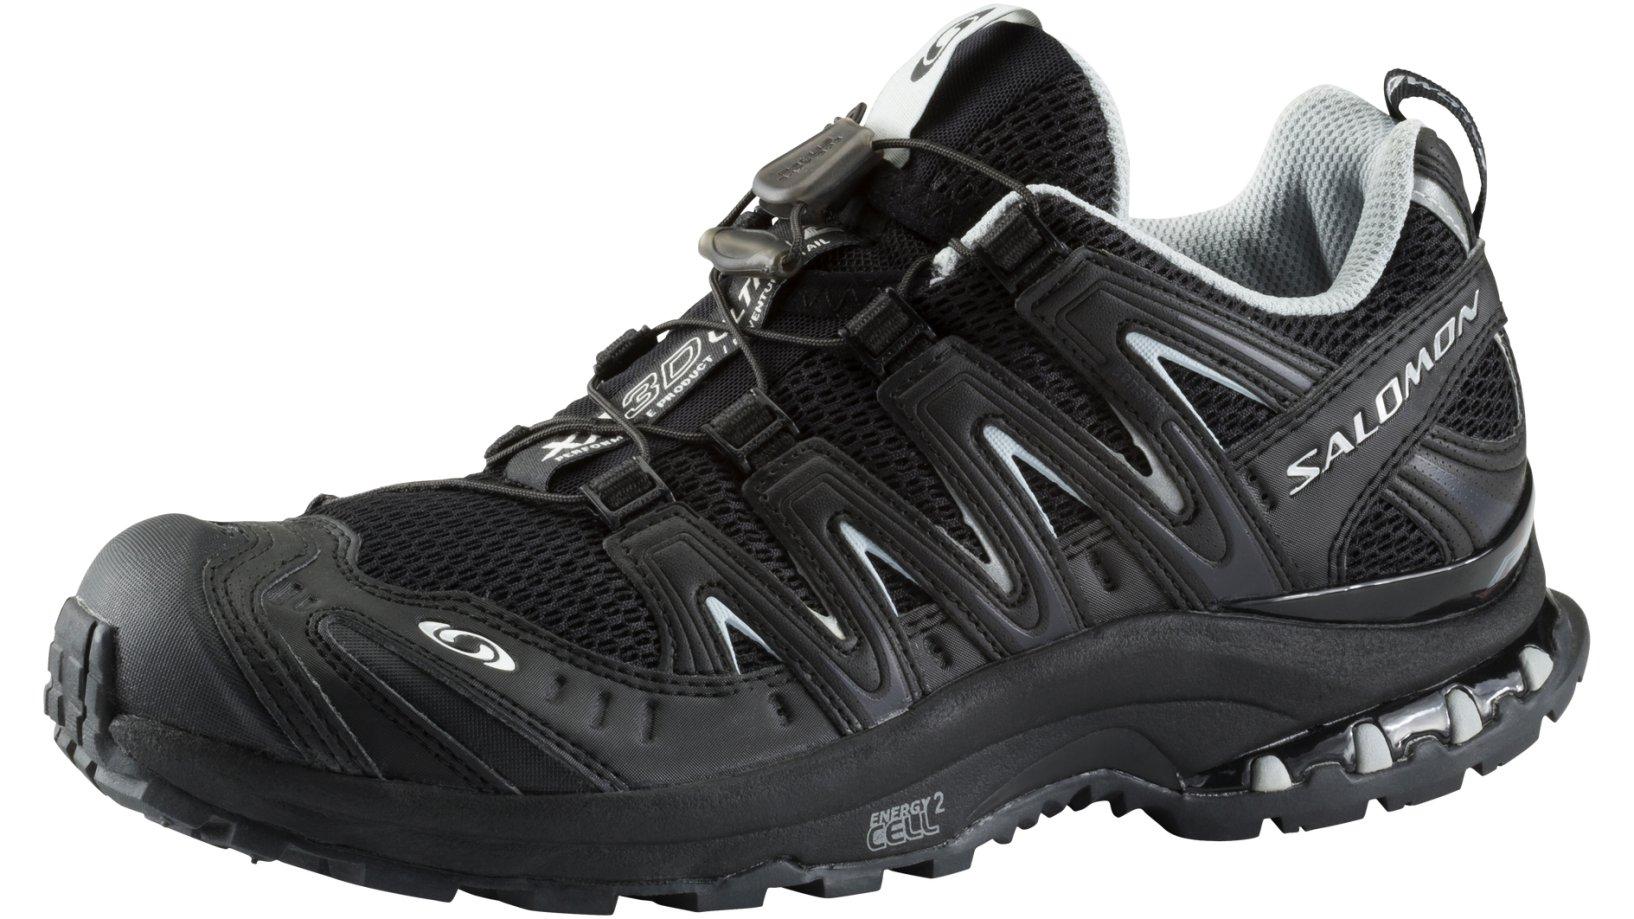 3fbb5453ba Chaussures Salomon XA PRO 3D ULTRA GTX